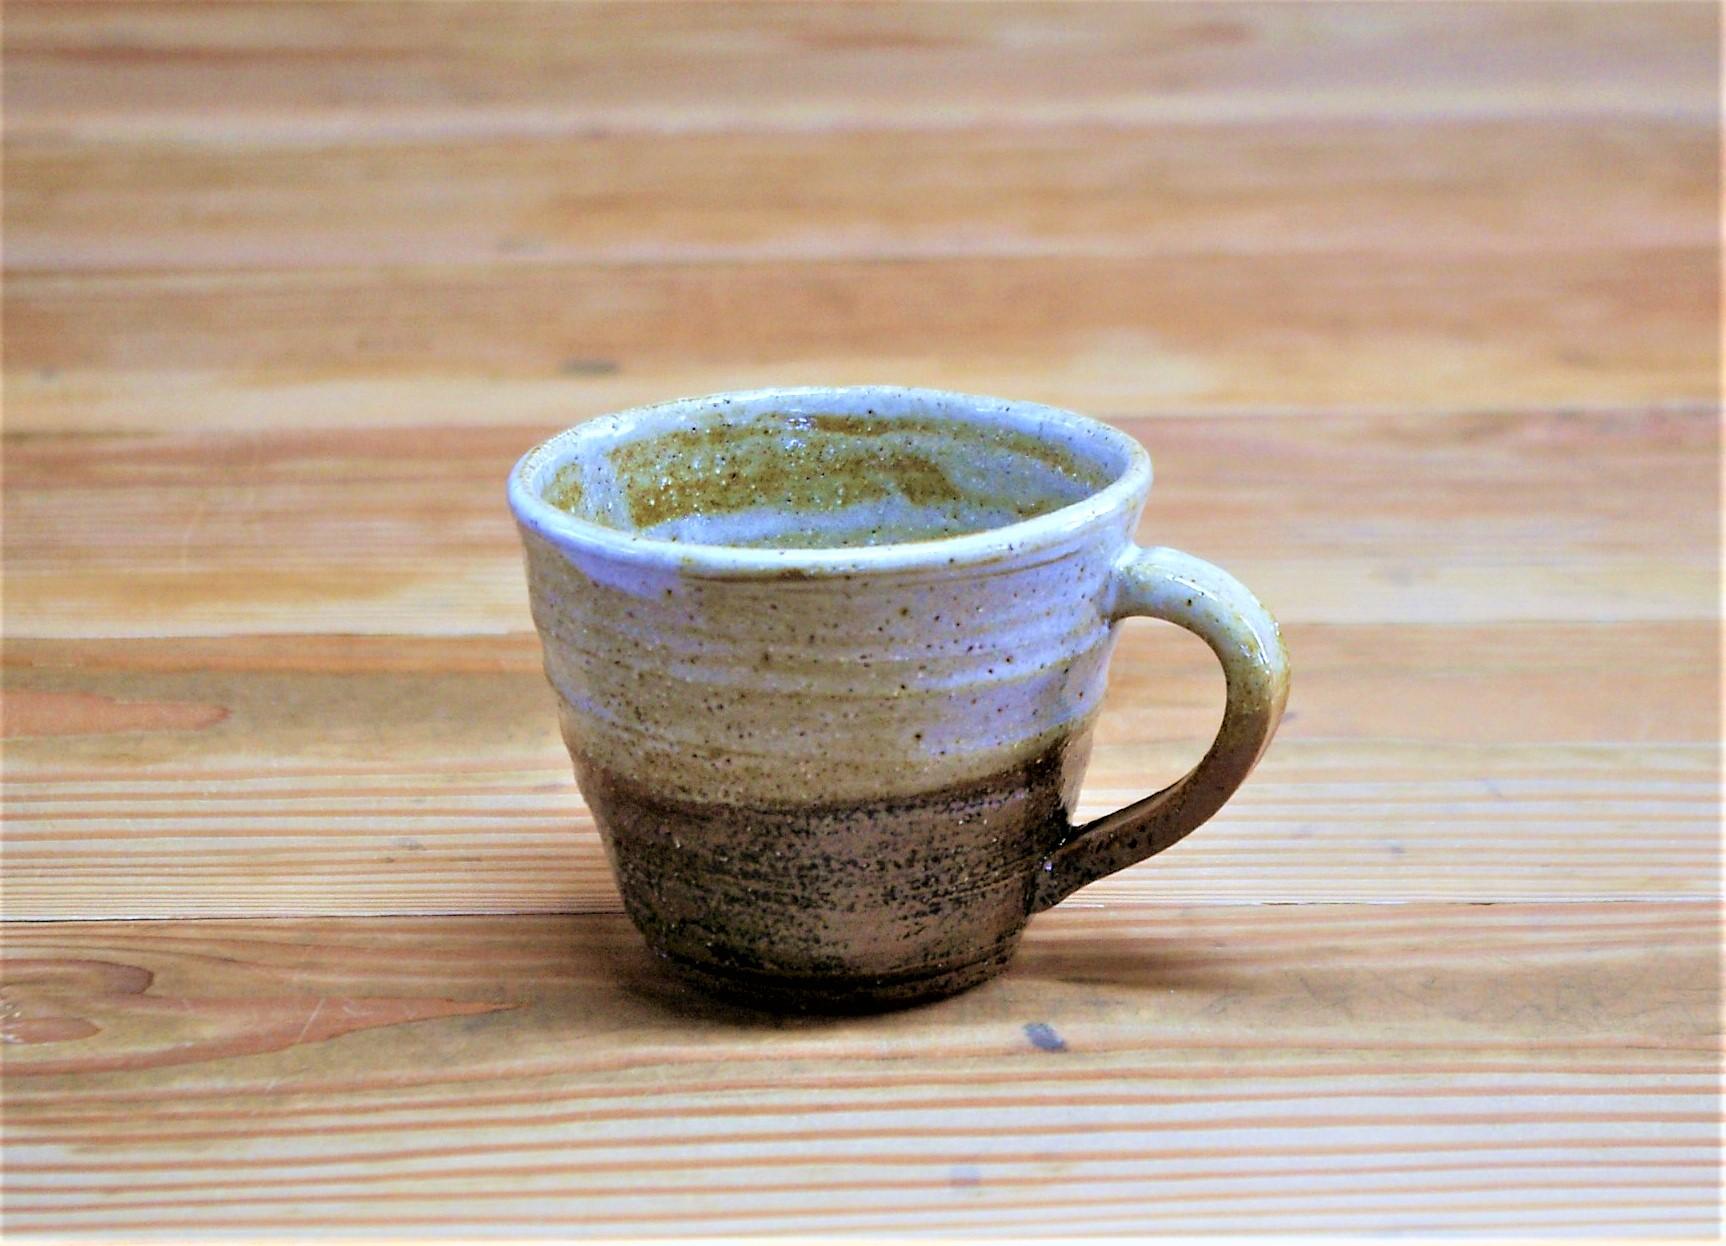 マグカップ  施釉:内側に白マット、外側に薄い黄瀬戸